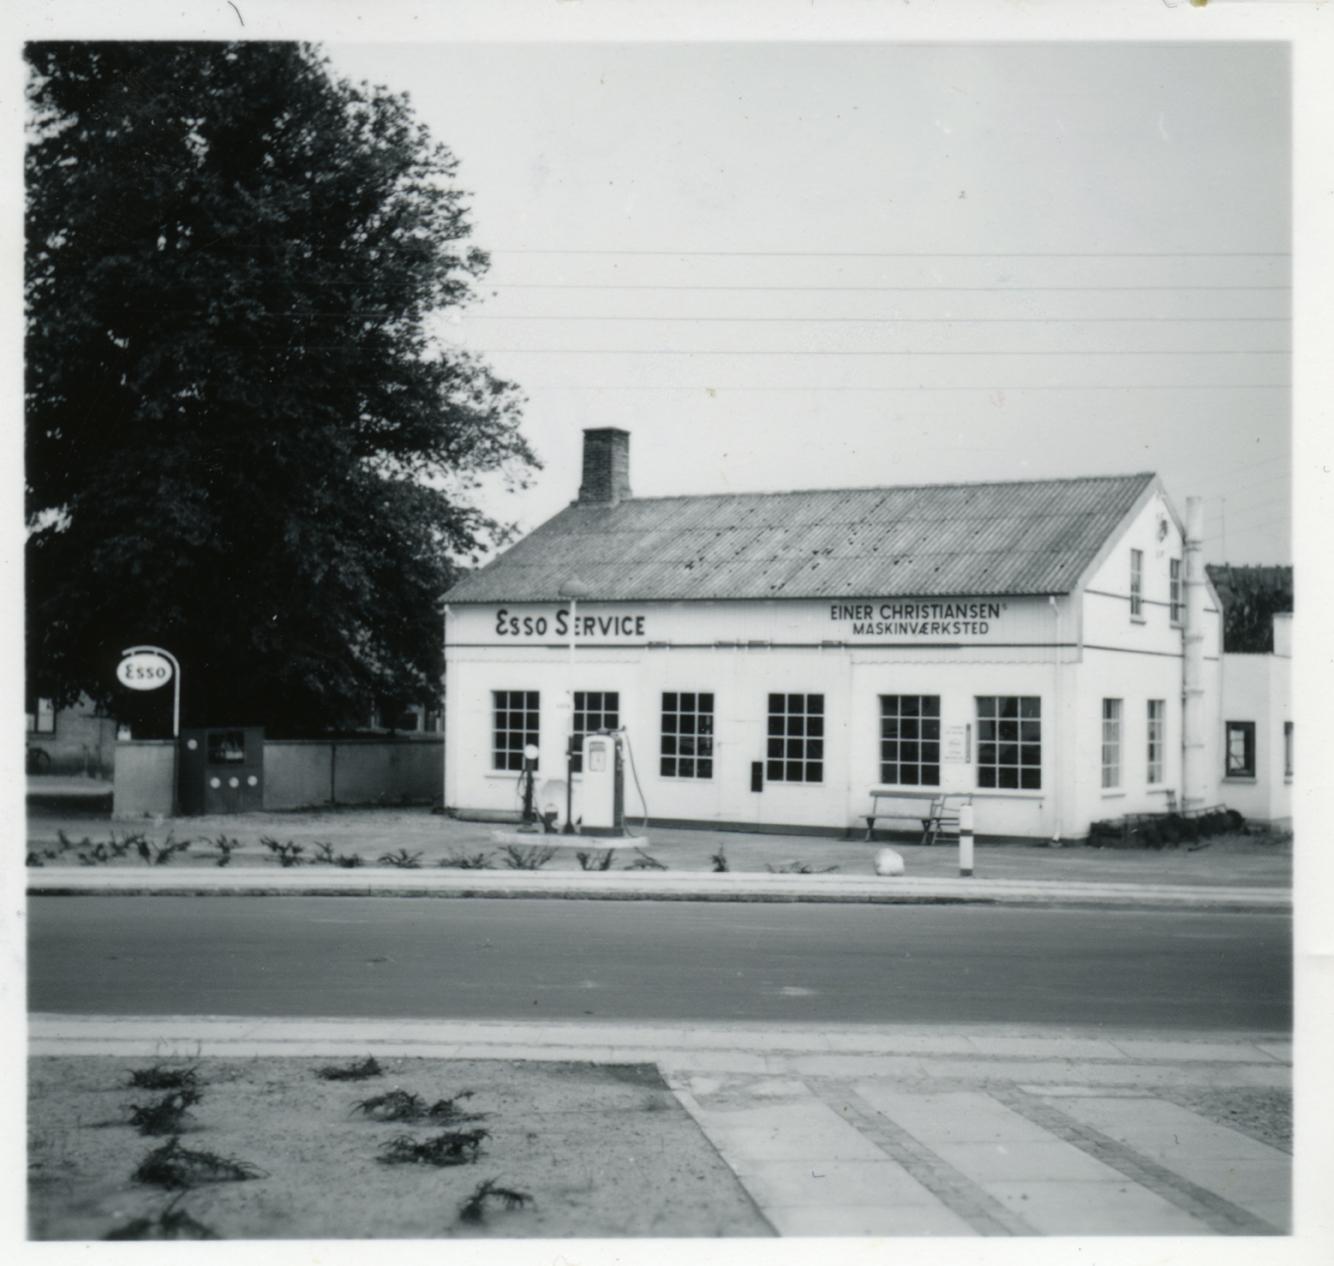 Billede 13 Smedegården Østrupvej 124 mens Einer Christiansen havde Maskinværksted på adressen.